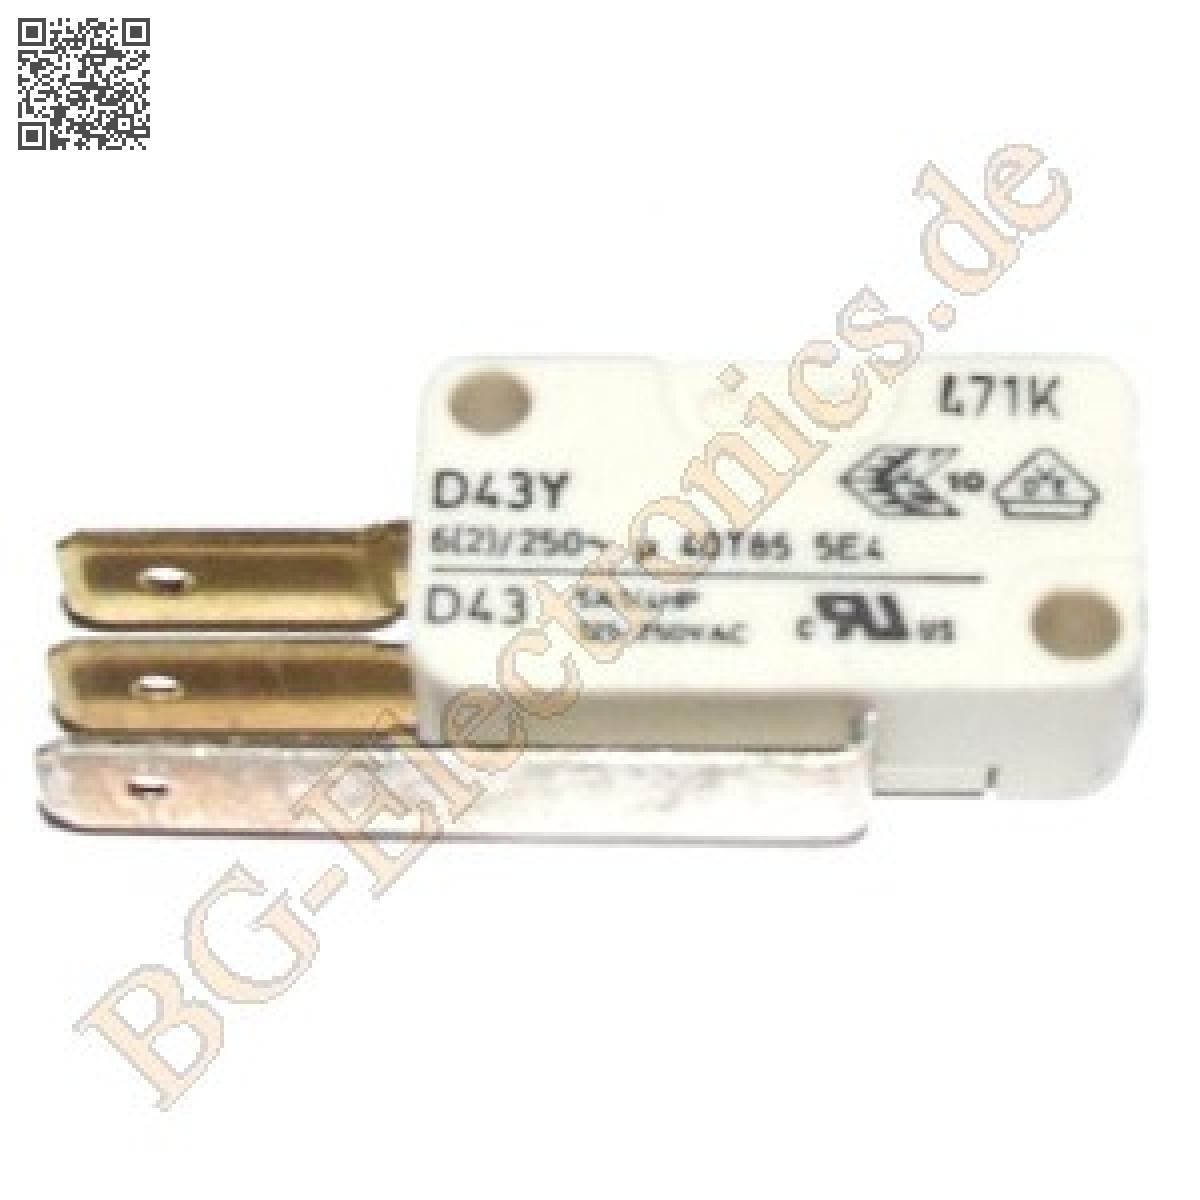 1-x-Schnappschalter-D43Y5AA-Schnappschalter-Mikroschalter-Cherry-1pcs